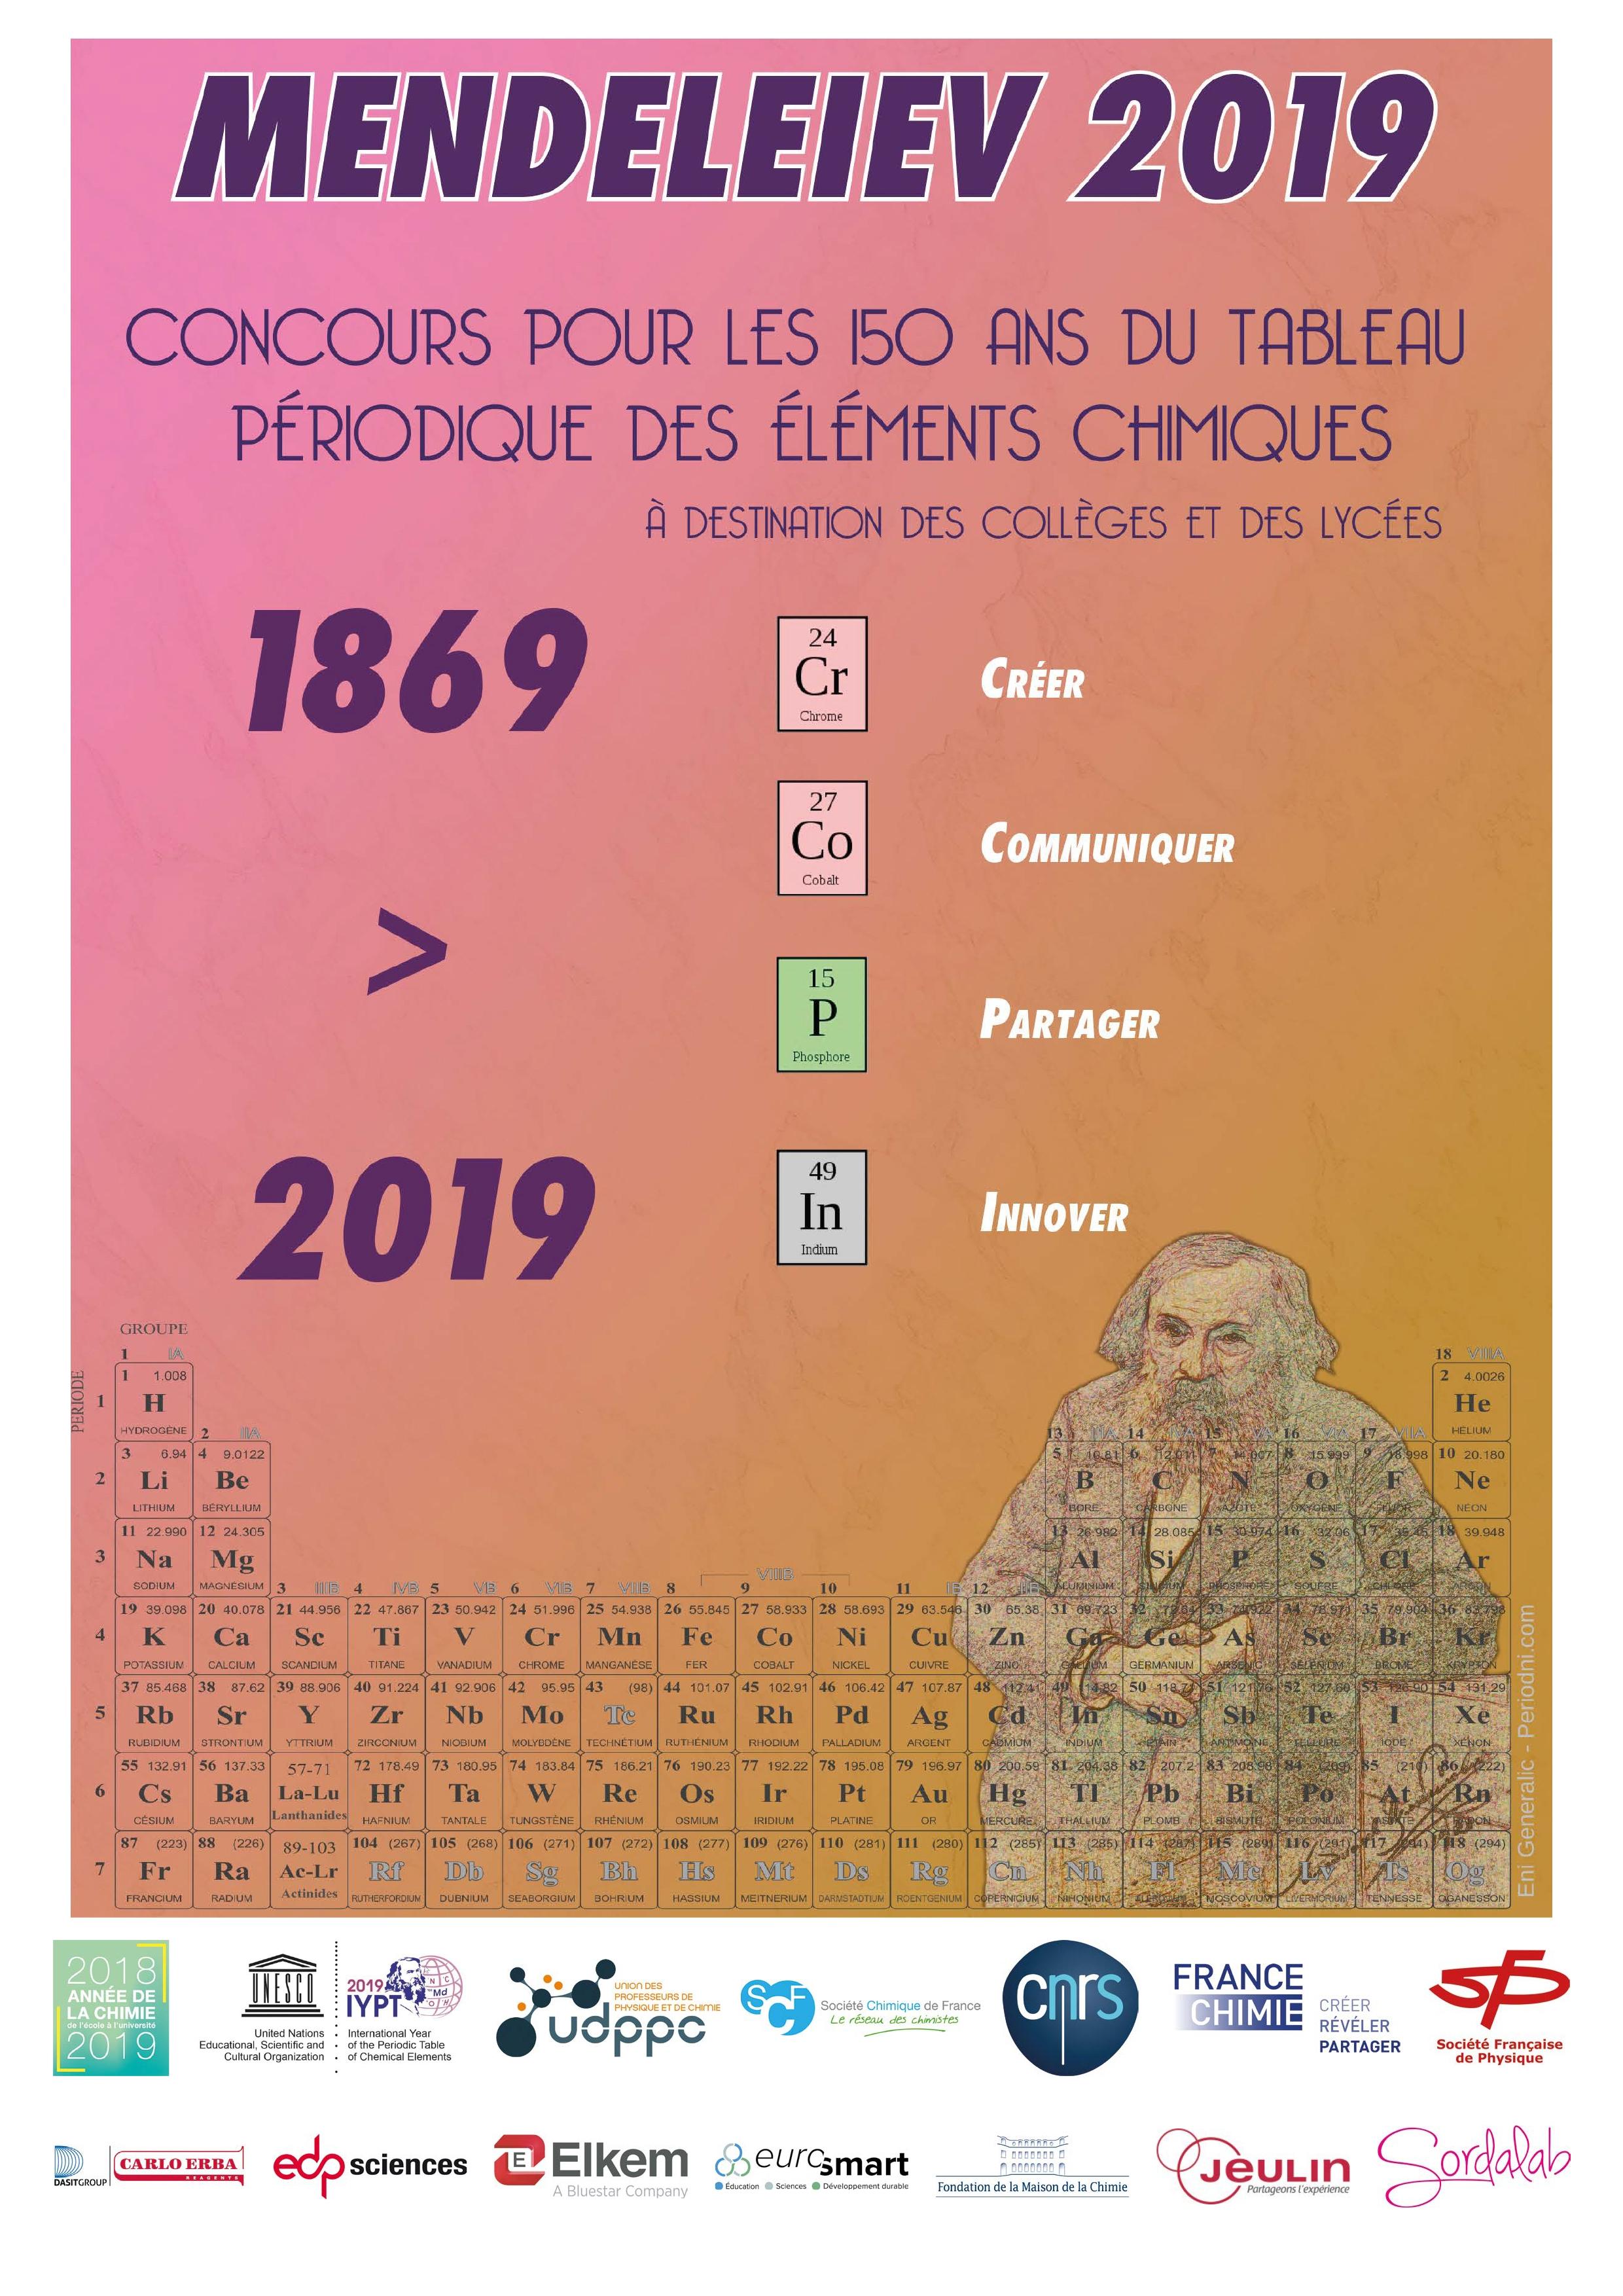 em_concours-mendeleiev-2019.jpg